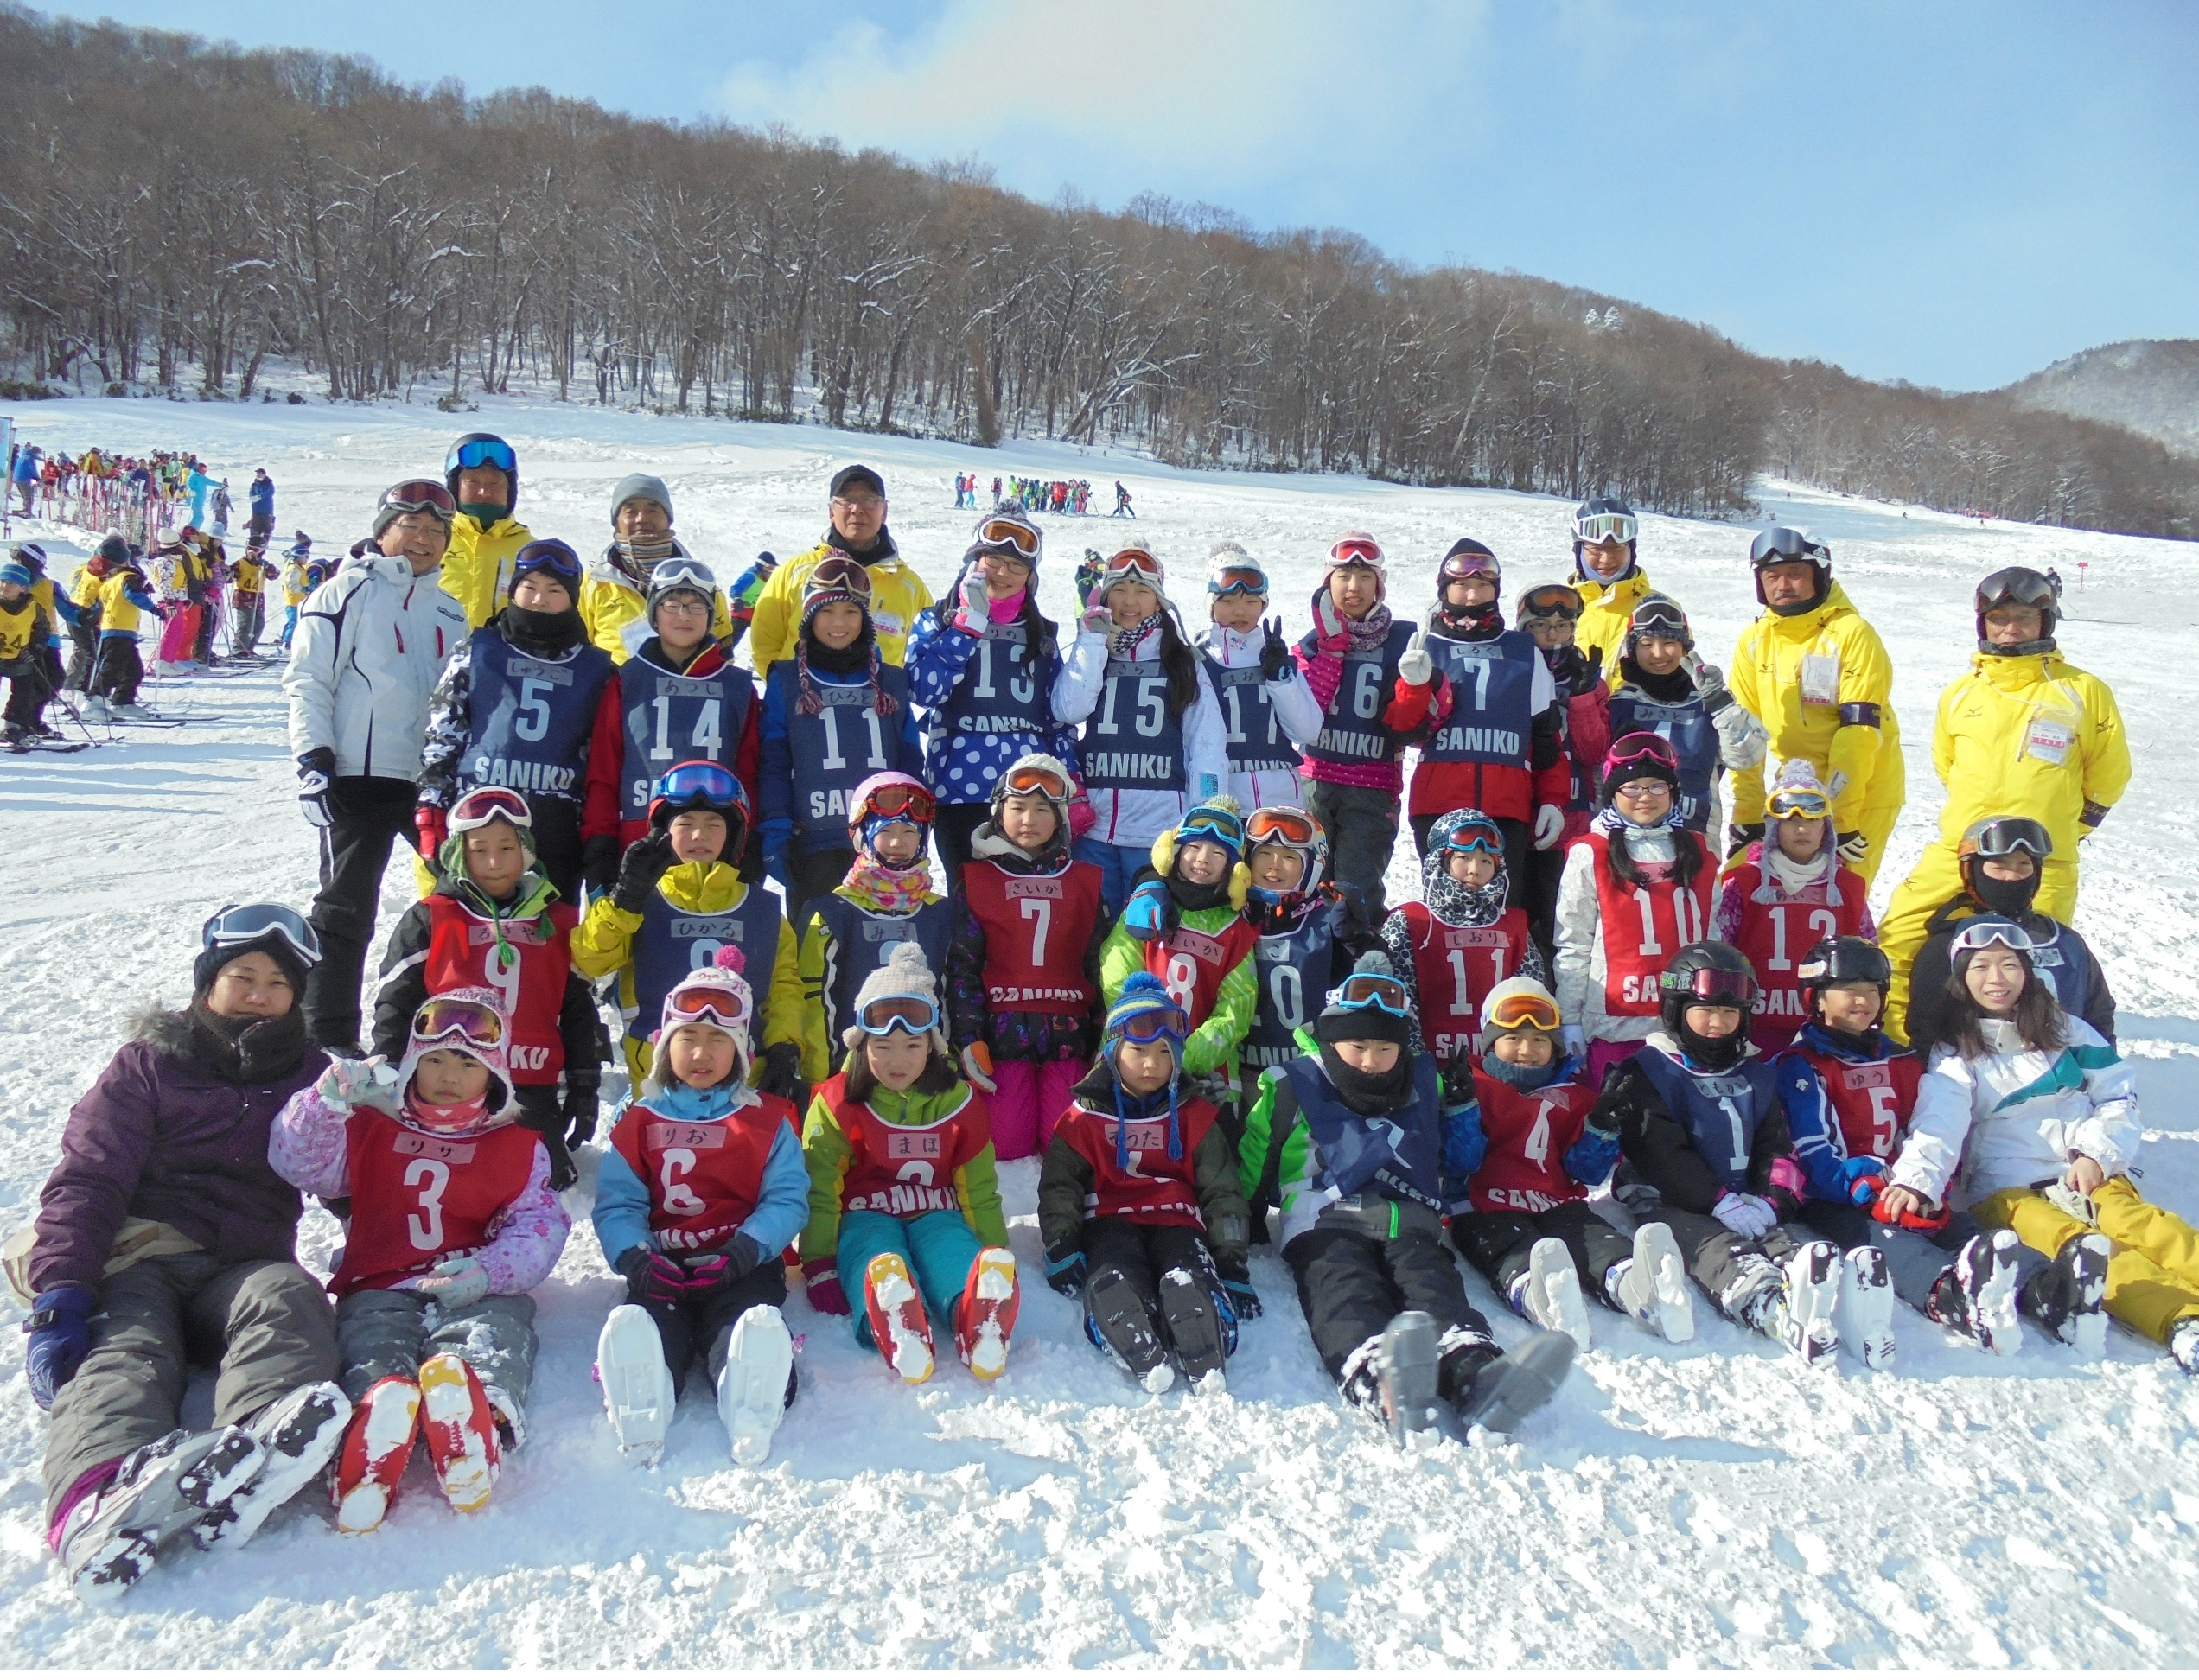 スキー全員